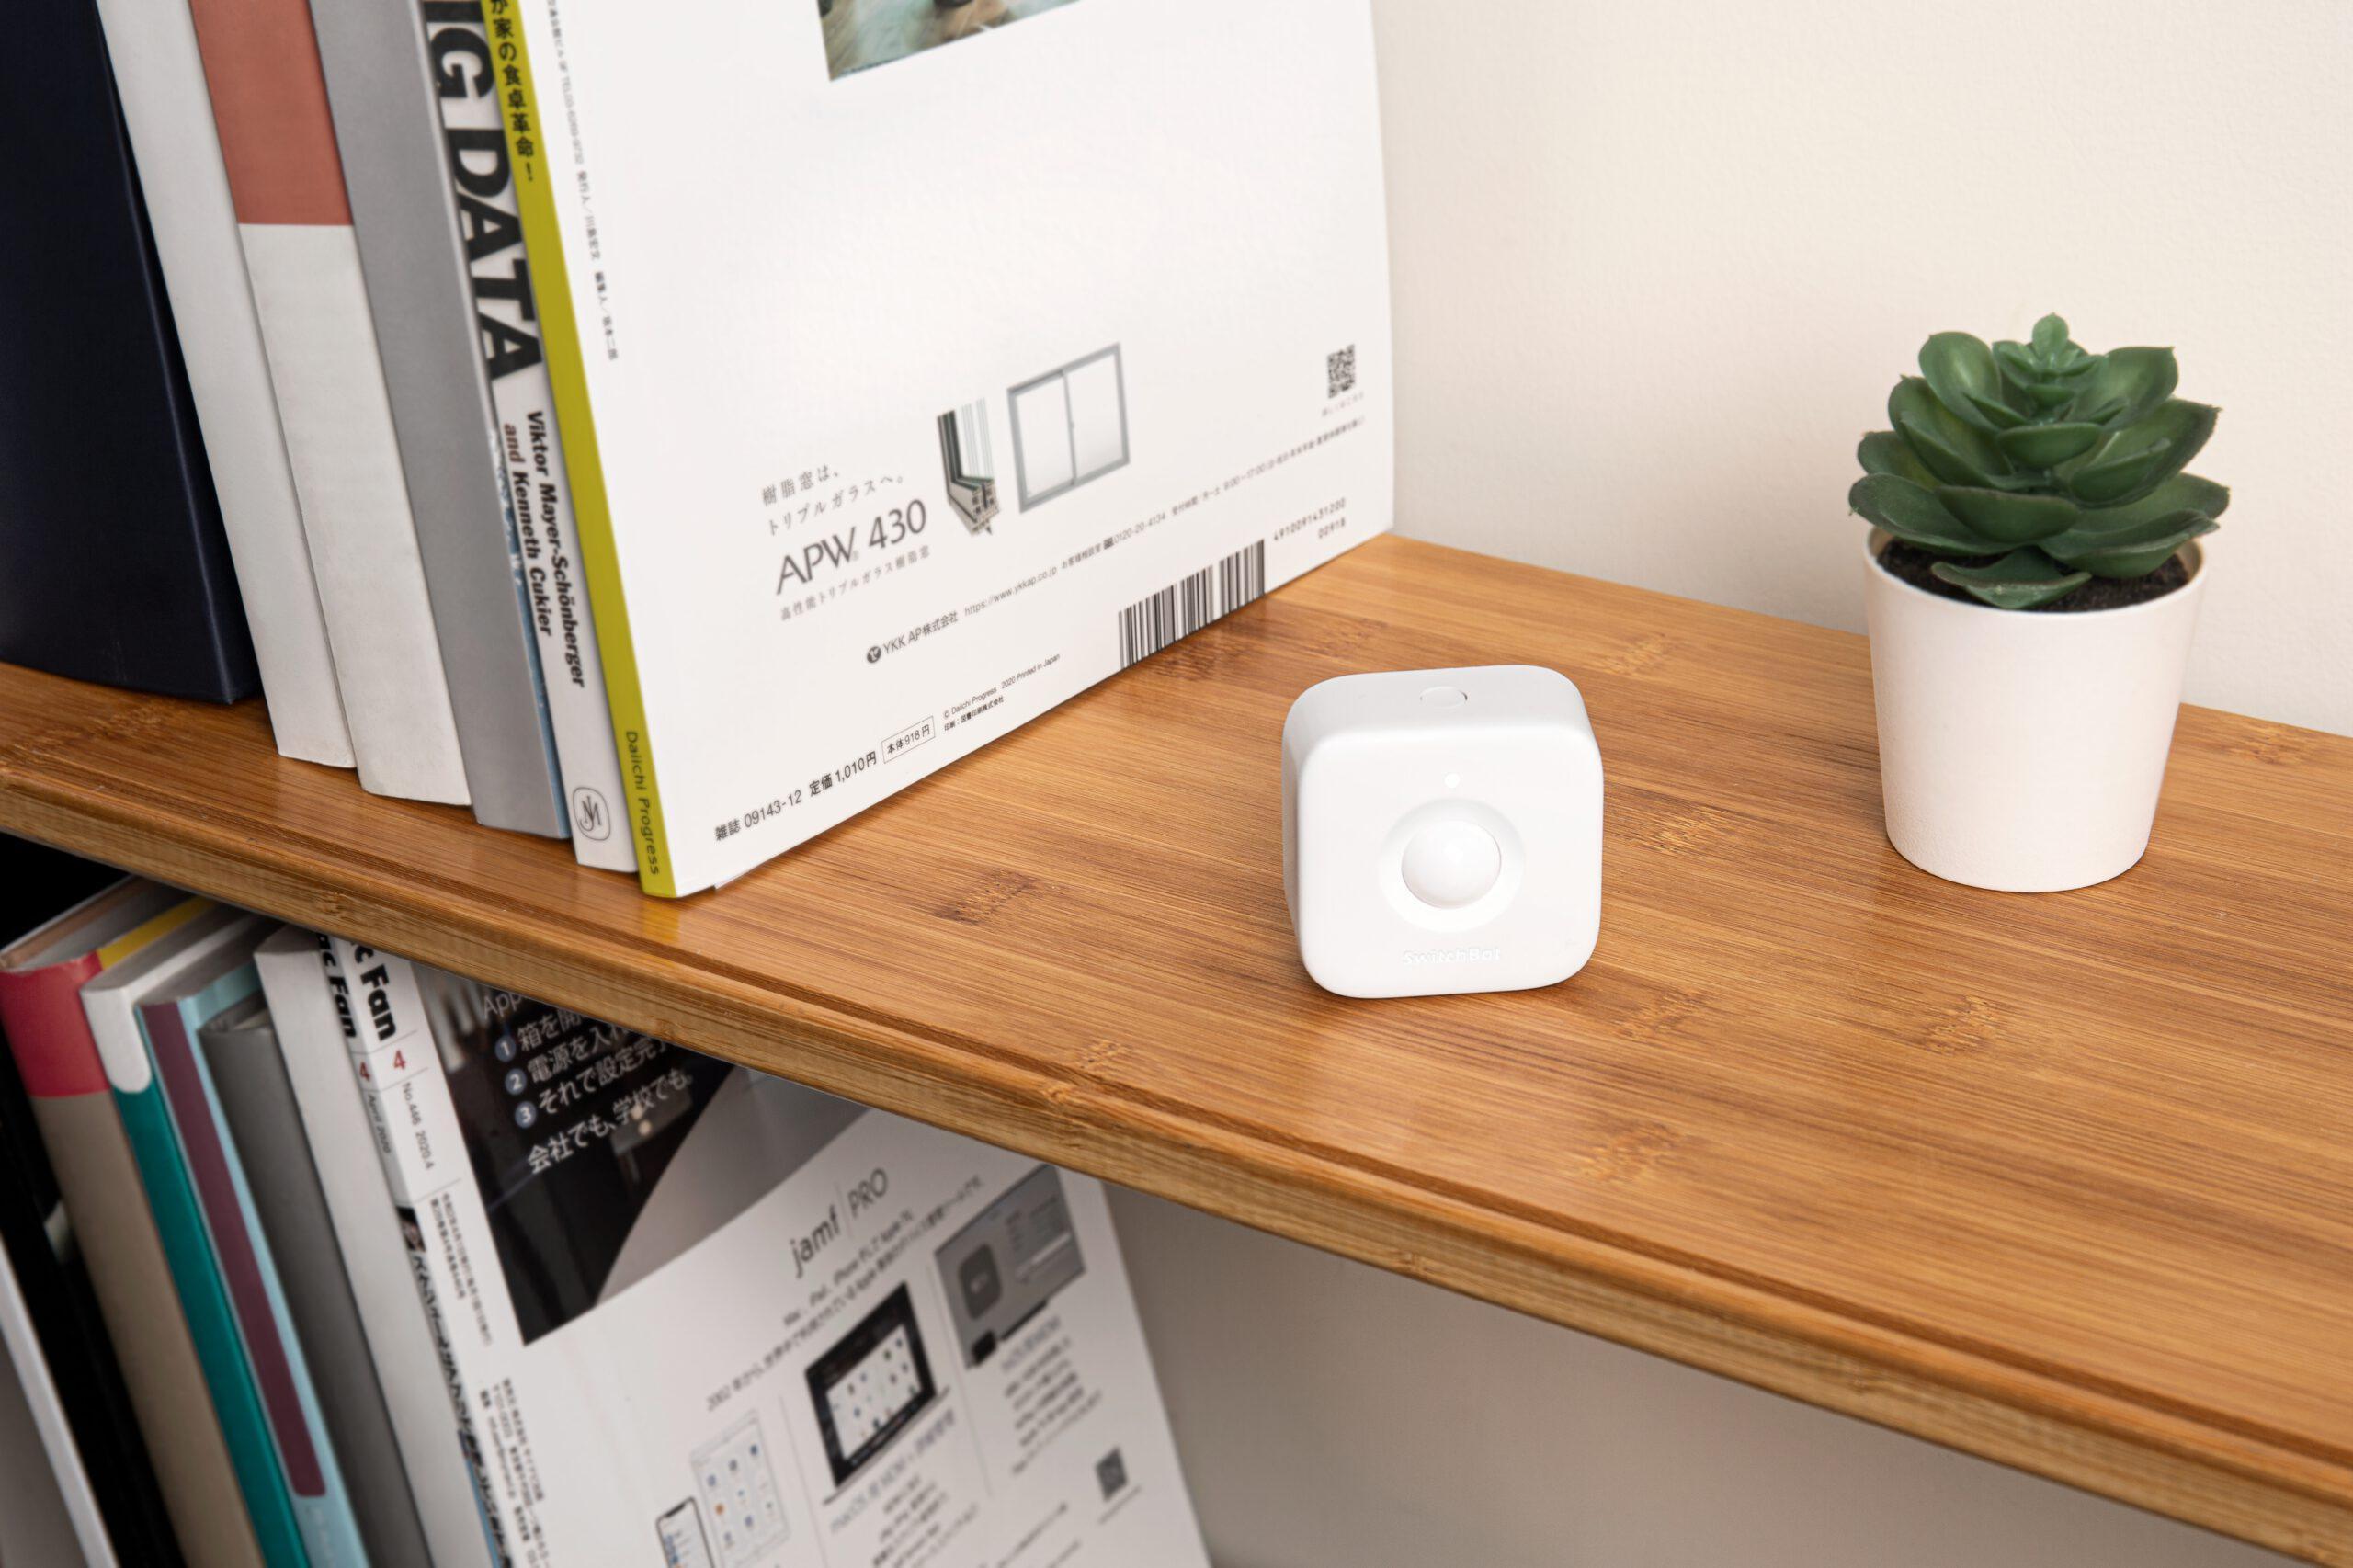 SwitchBot Bewegungsmelder der ohne Fuß aufgestellt oder mit Fuß ebenso and die Wand montiert werden kann.